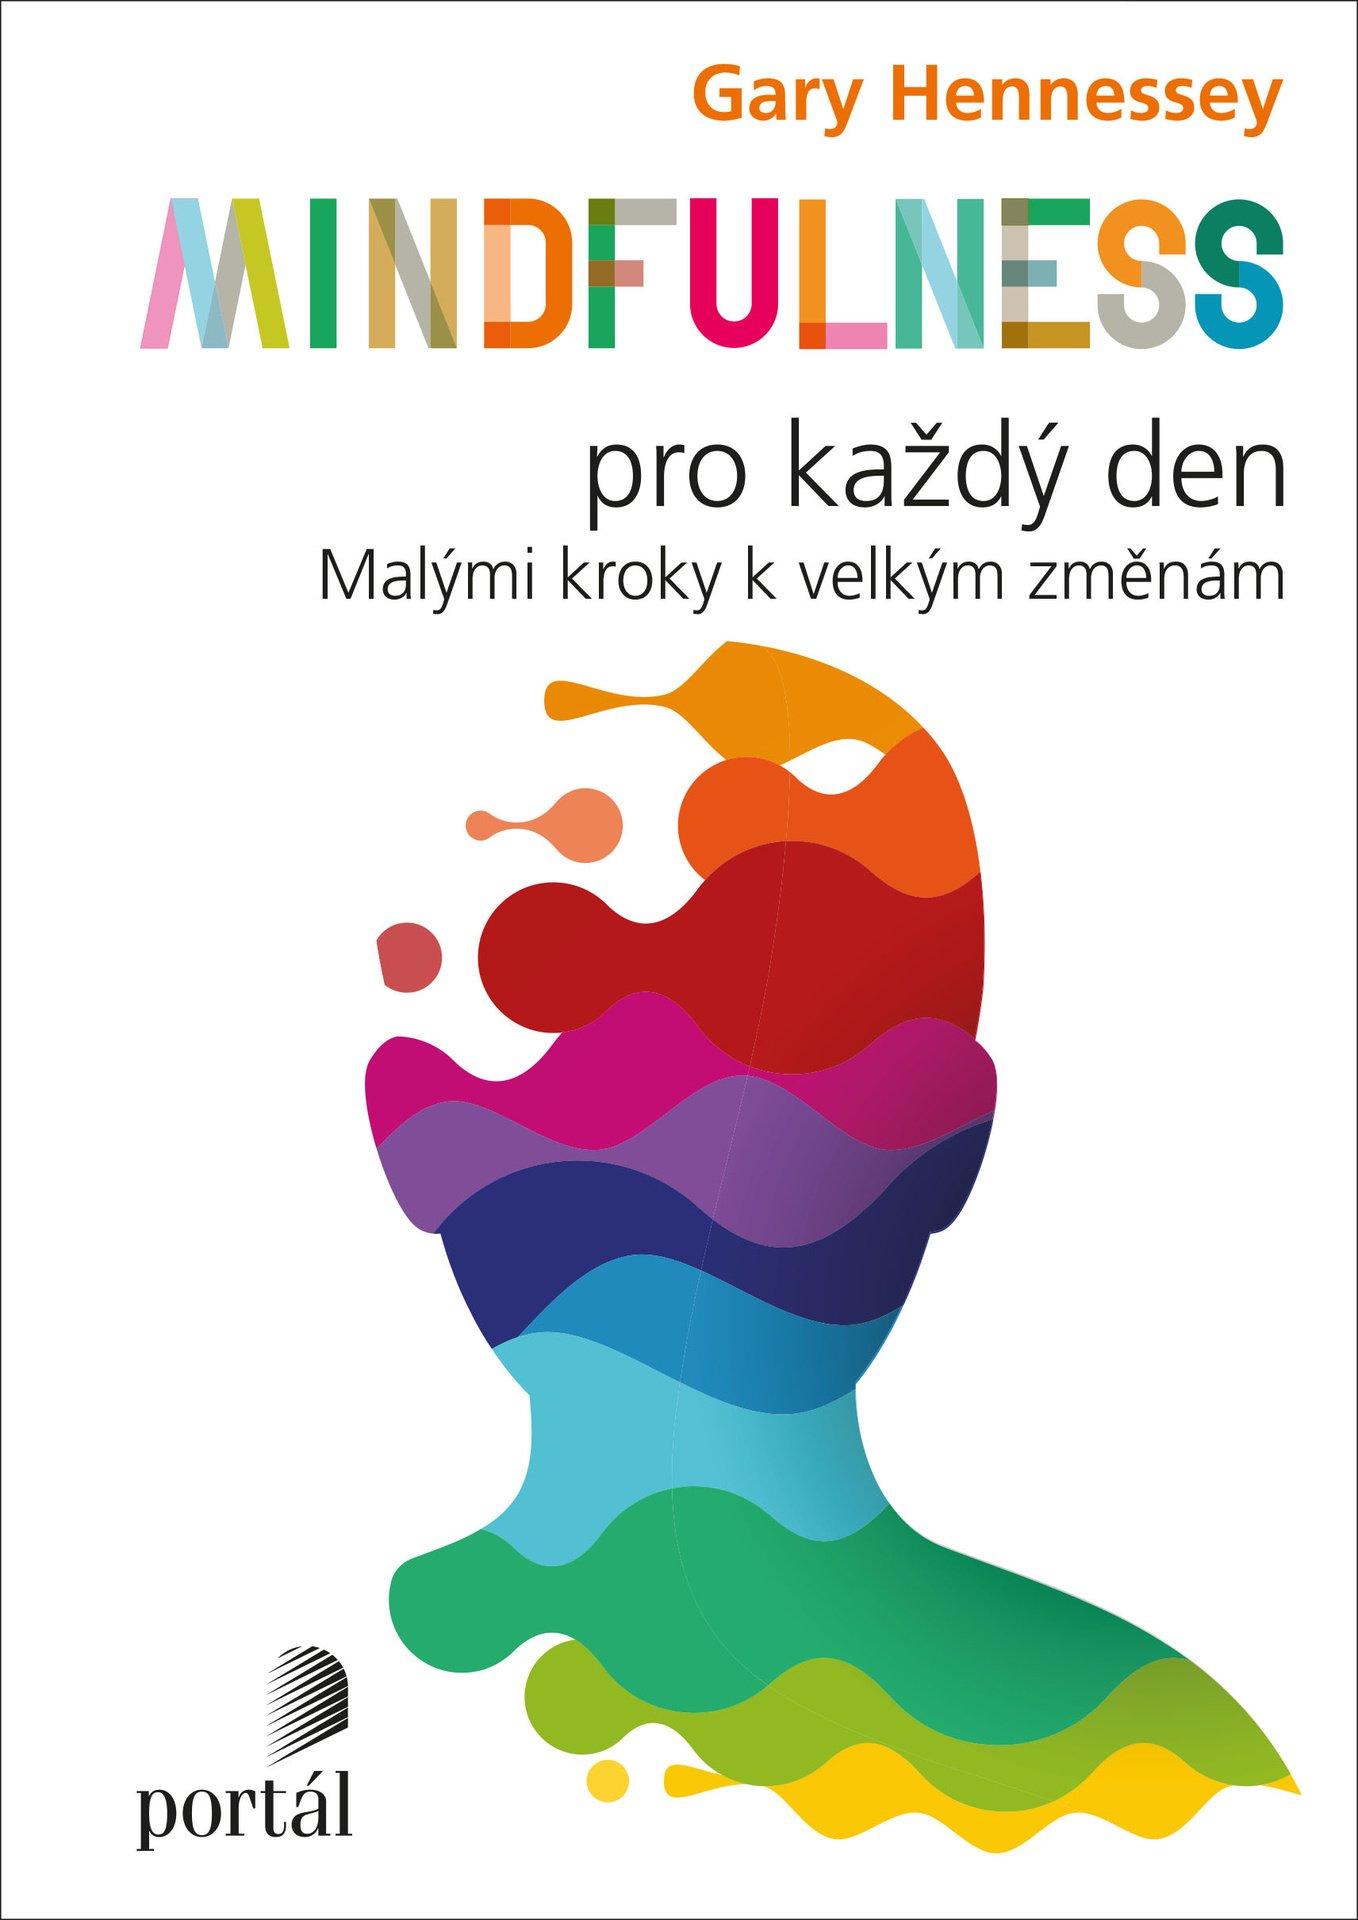 mindfulness, všímavost, lepší život, Gary Hennessey